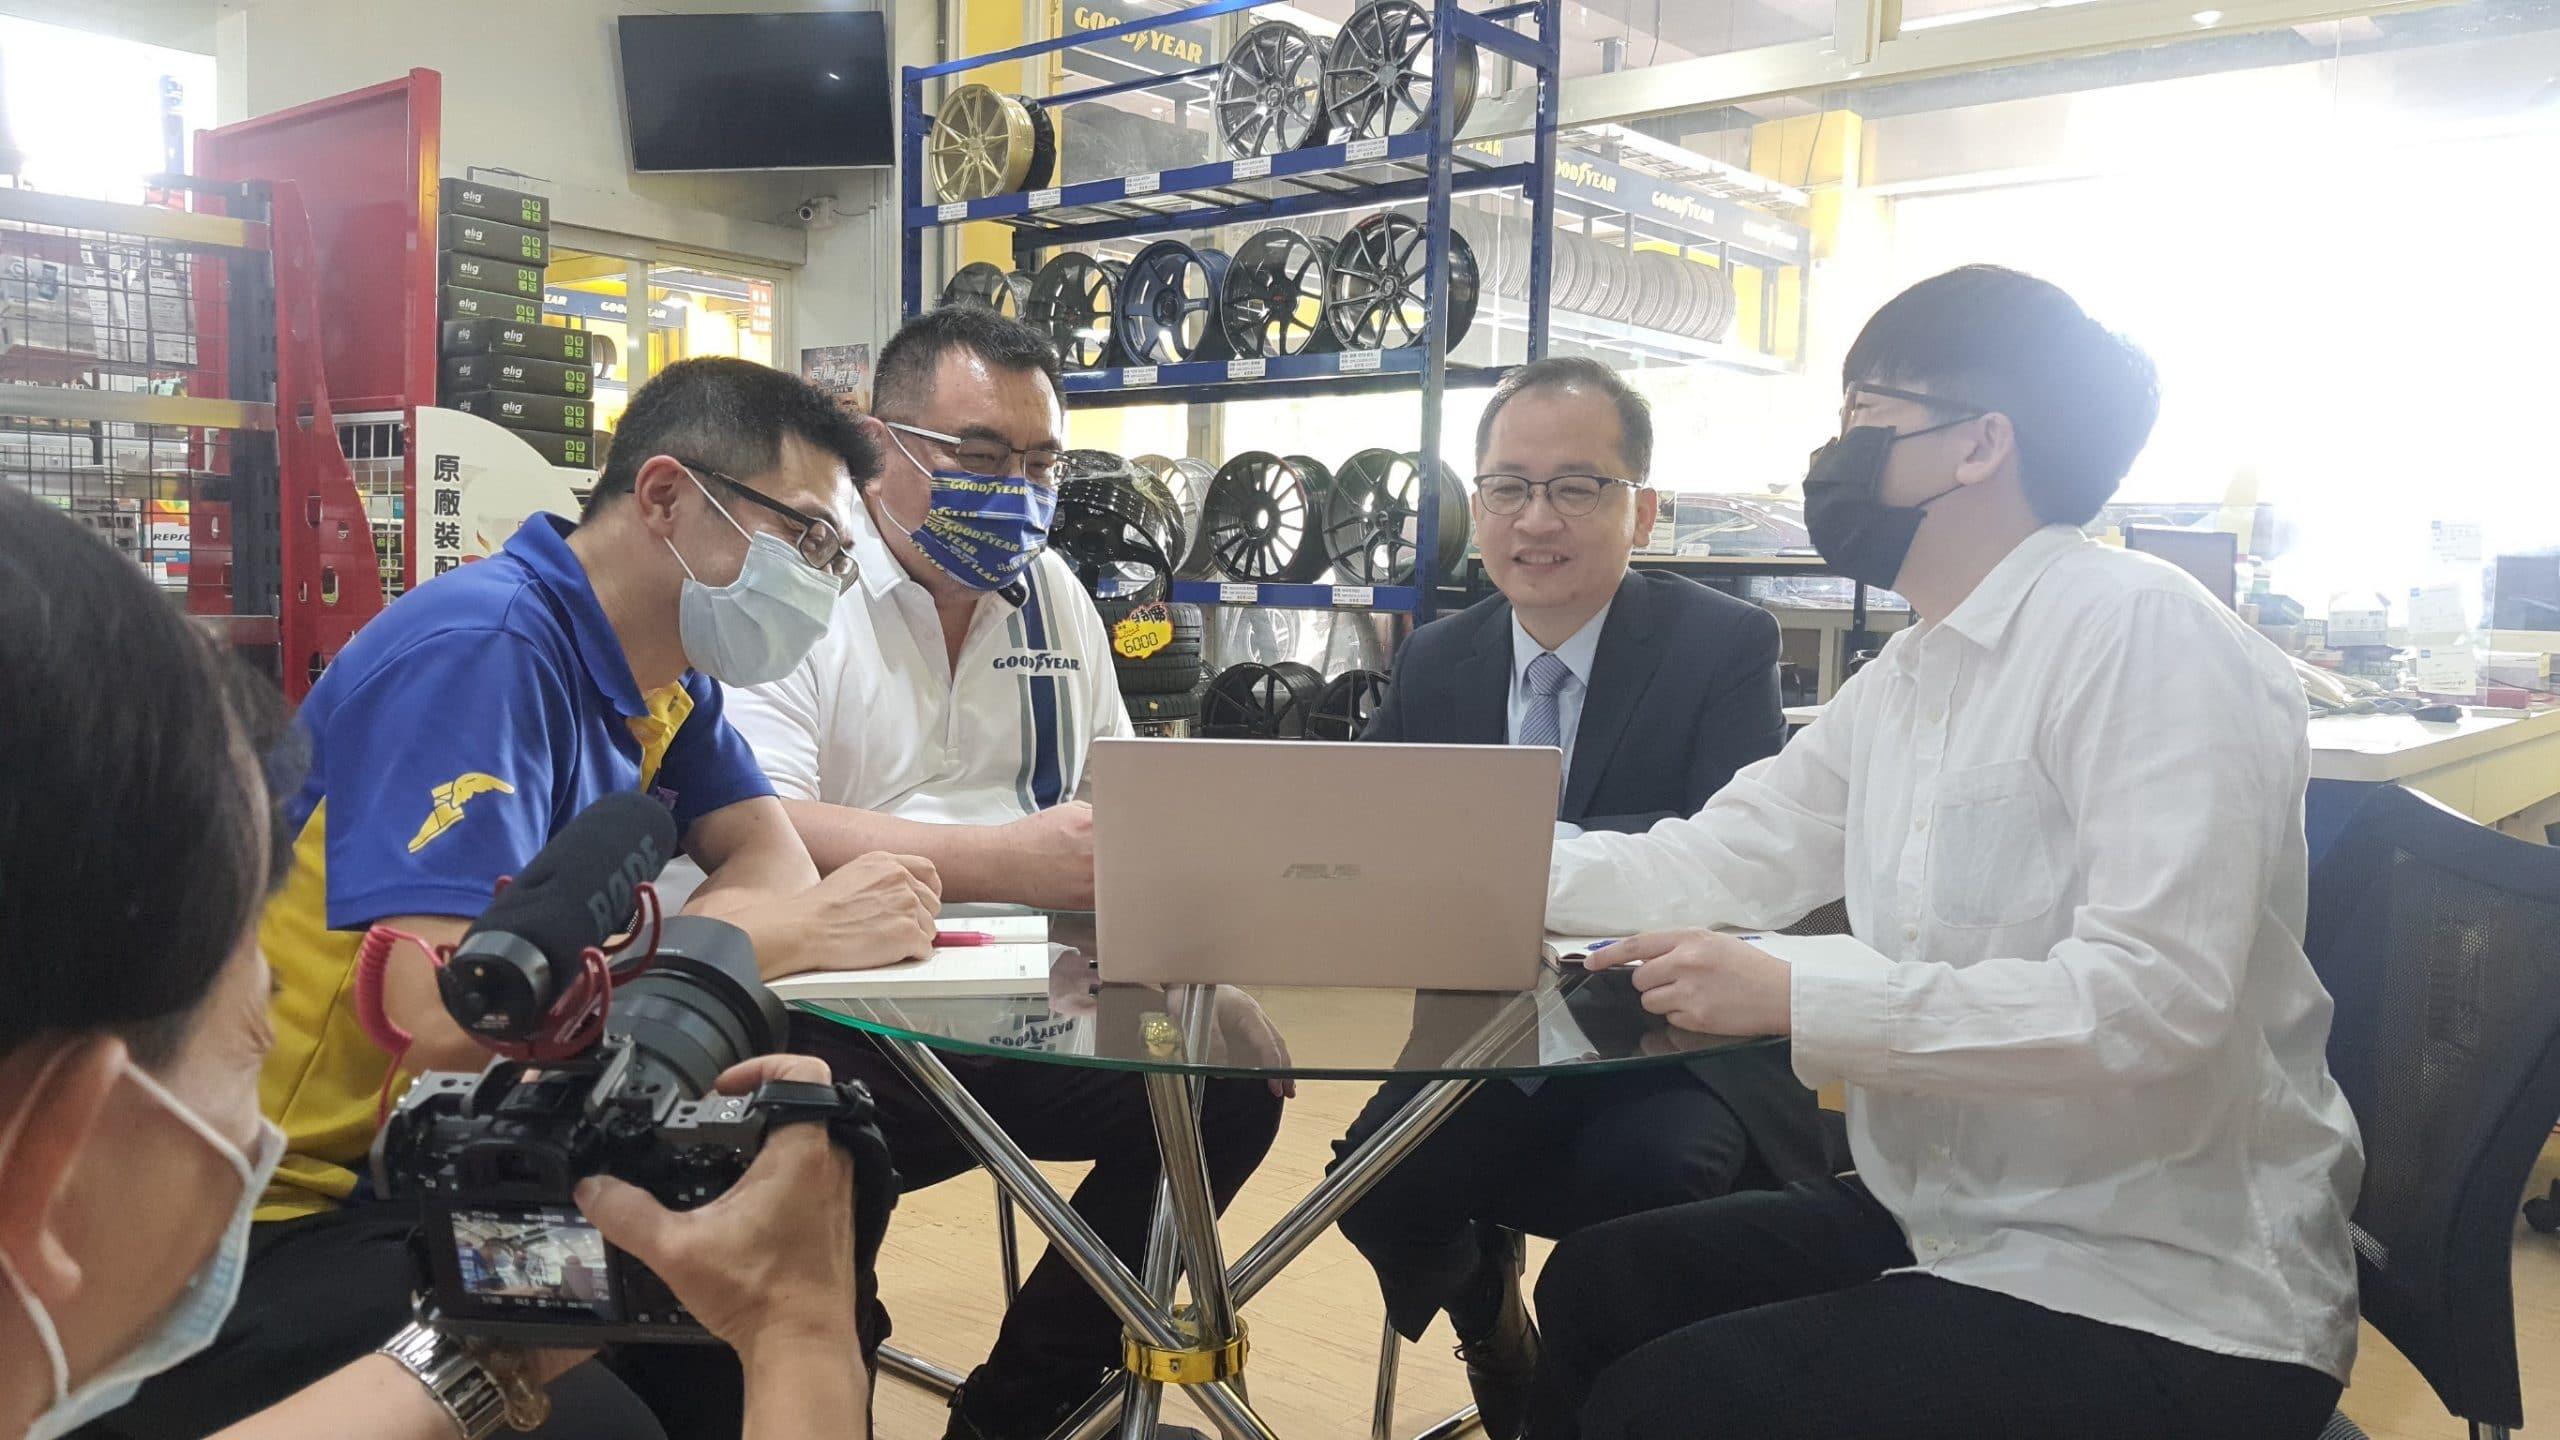 讓世界都看見-台灣好品牌電視節目專訪-「偉盟系統」03 製作單位:星澤國際 製作人:游祈盛、楊含容